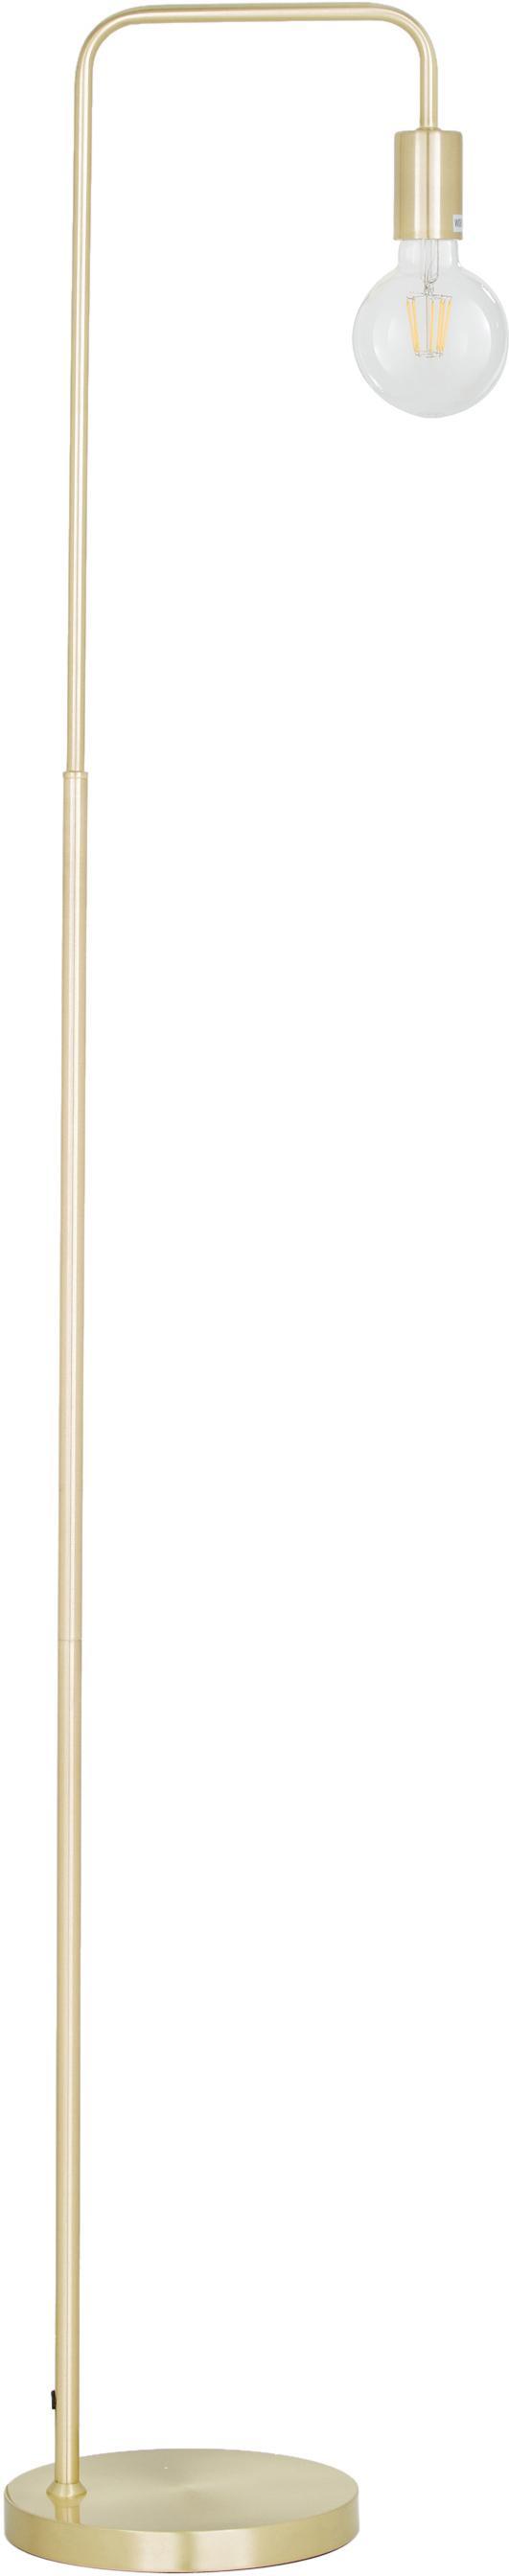 Stehlampe Flow aus Metall, Messing, gebürstet, 33 x 154 cm